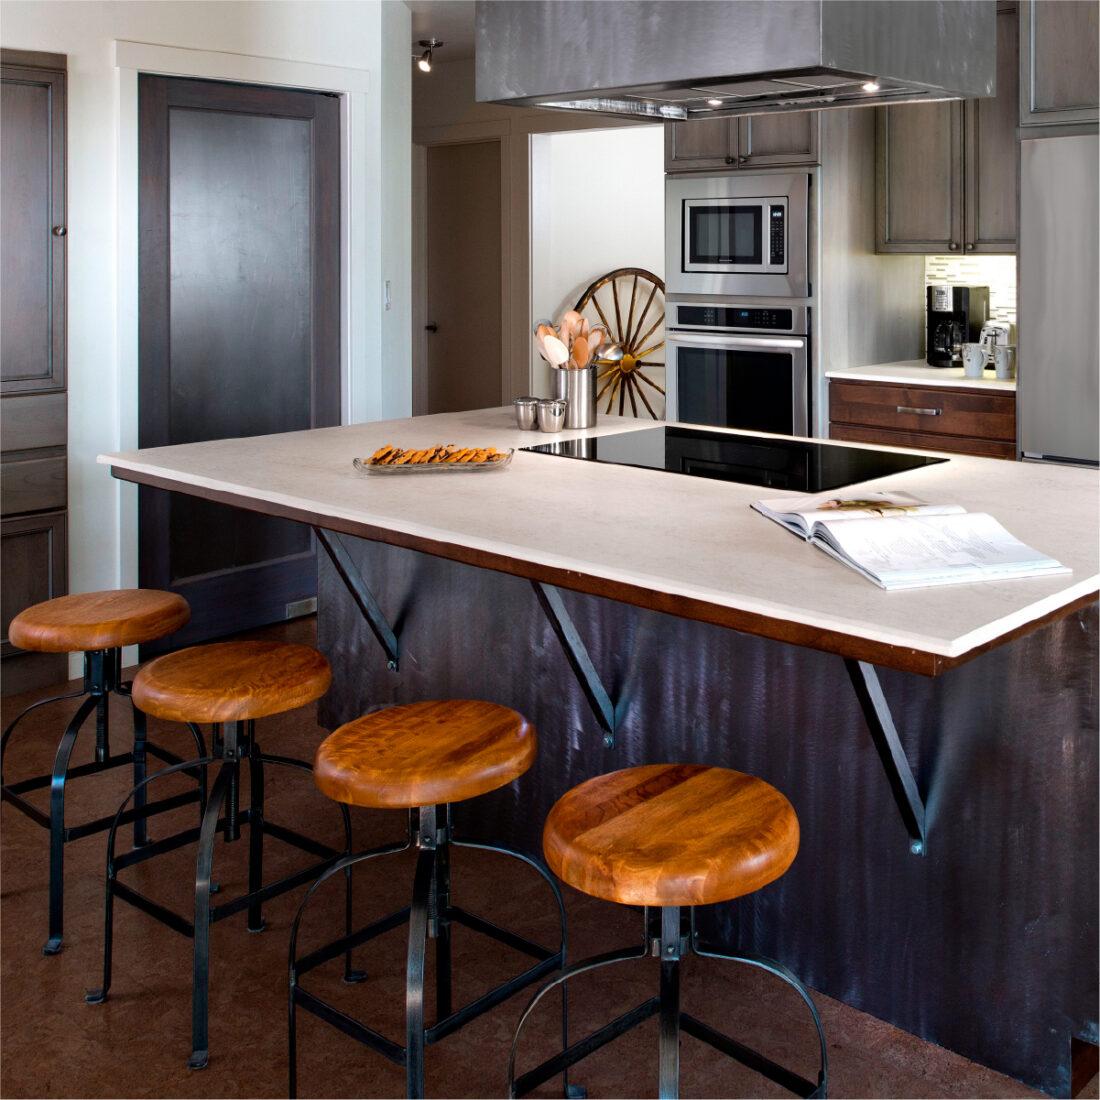 Image of Mesa de trabajo 8@2x 1 in Cocinas - Cosentino